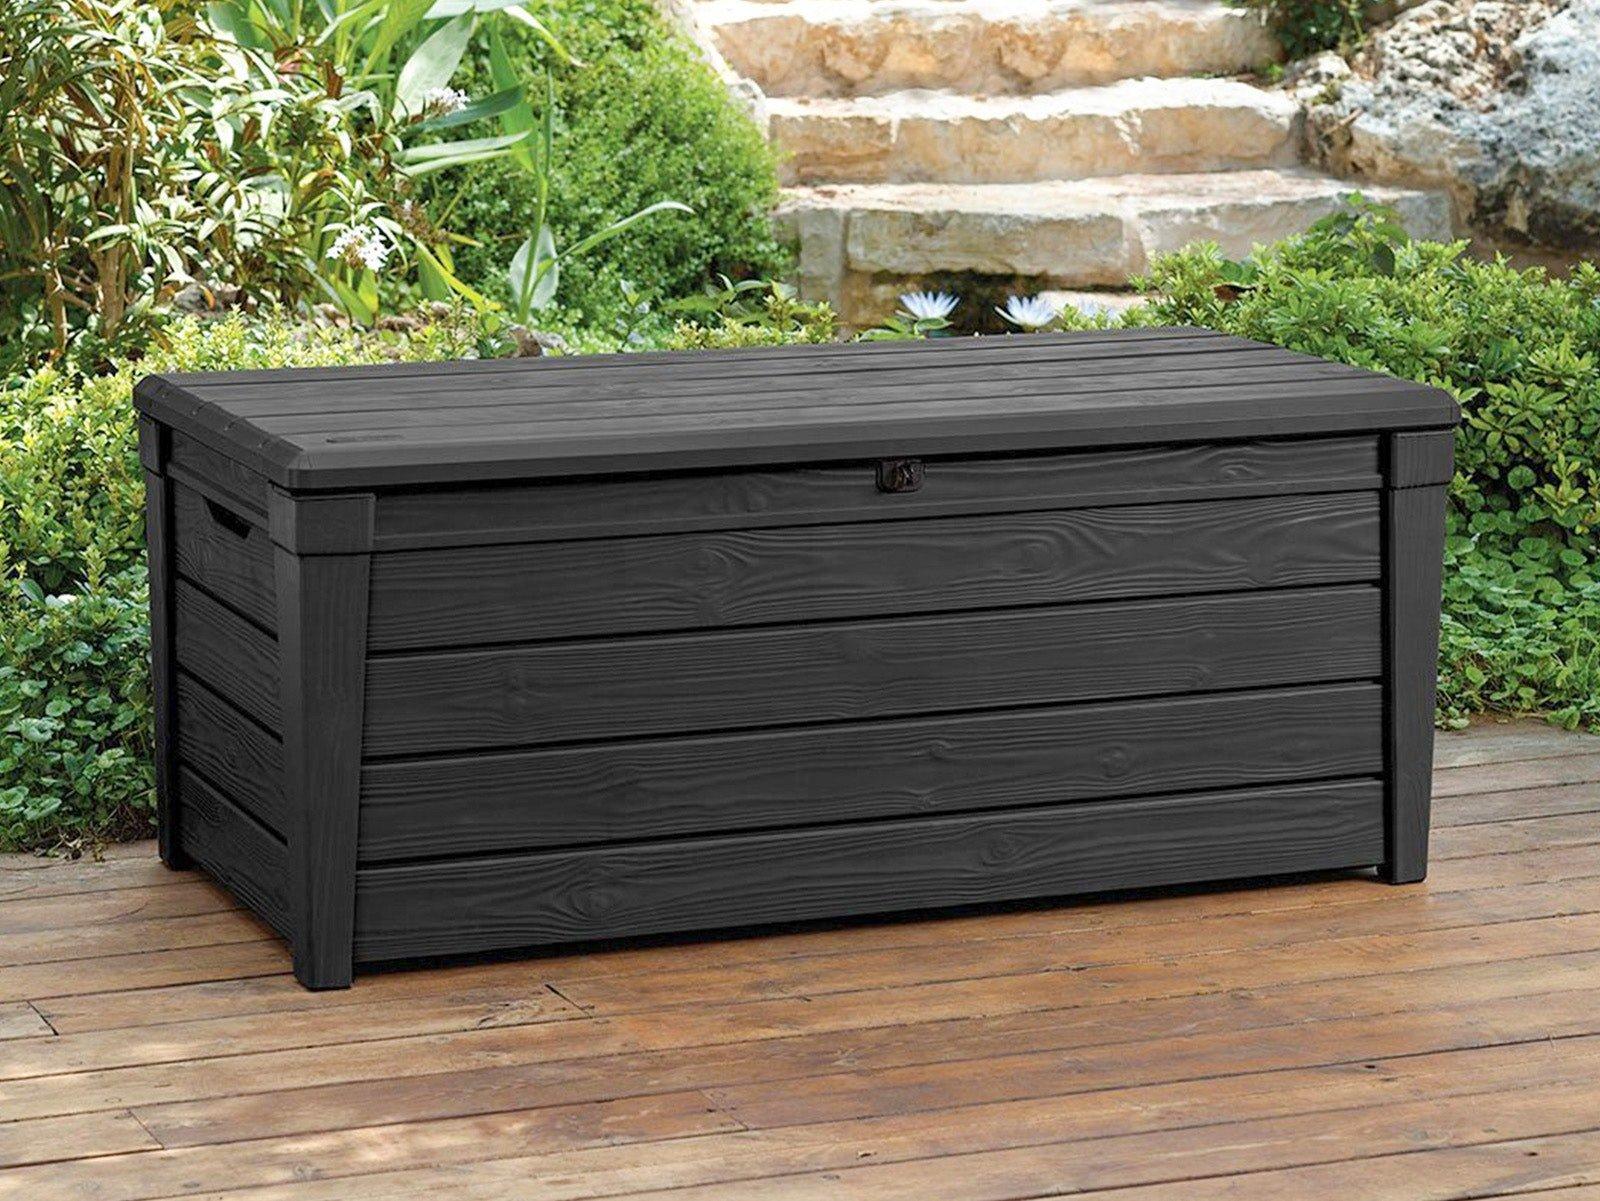 Een grote stevige bruine opbergbox voor loungekussens